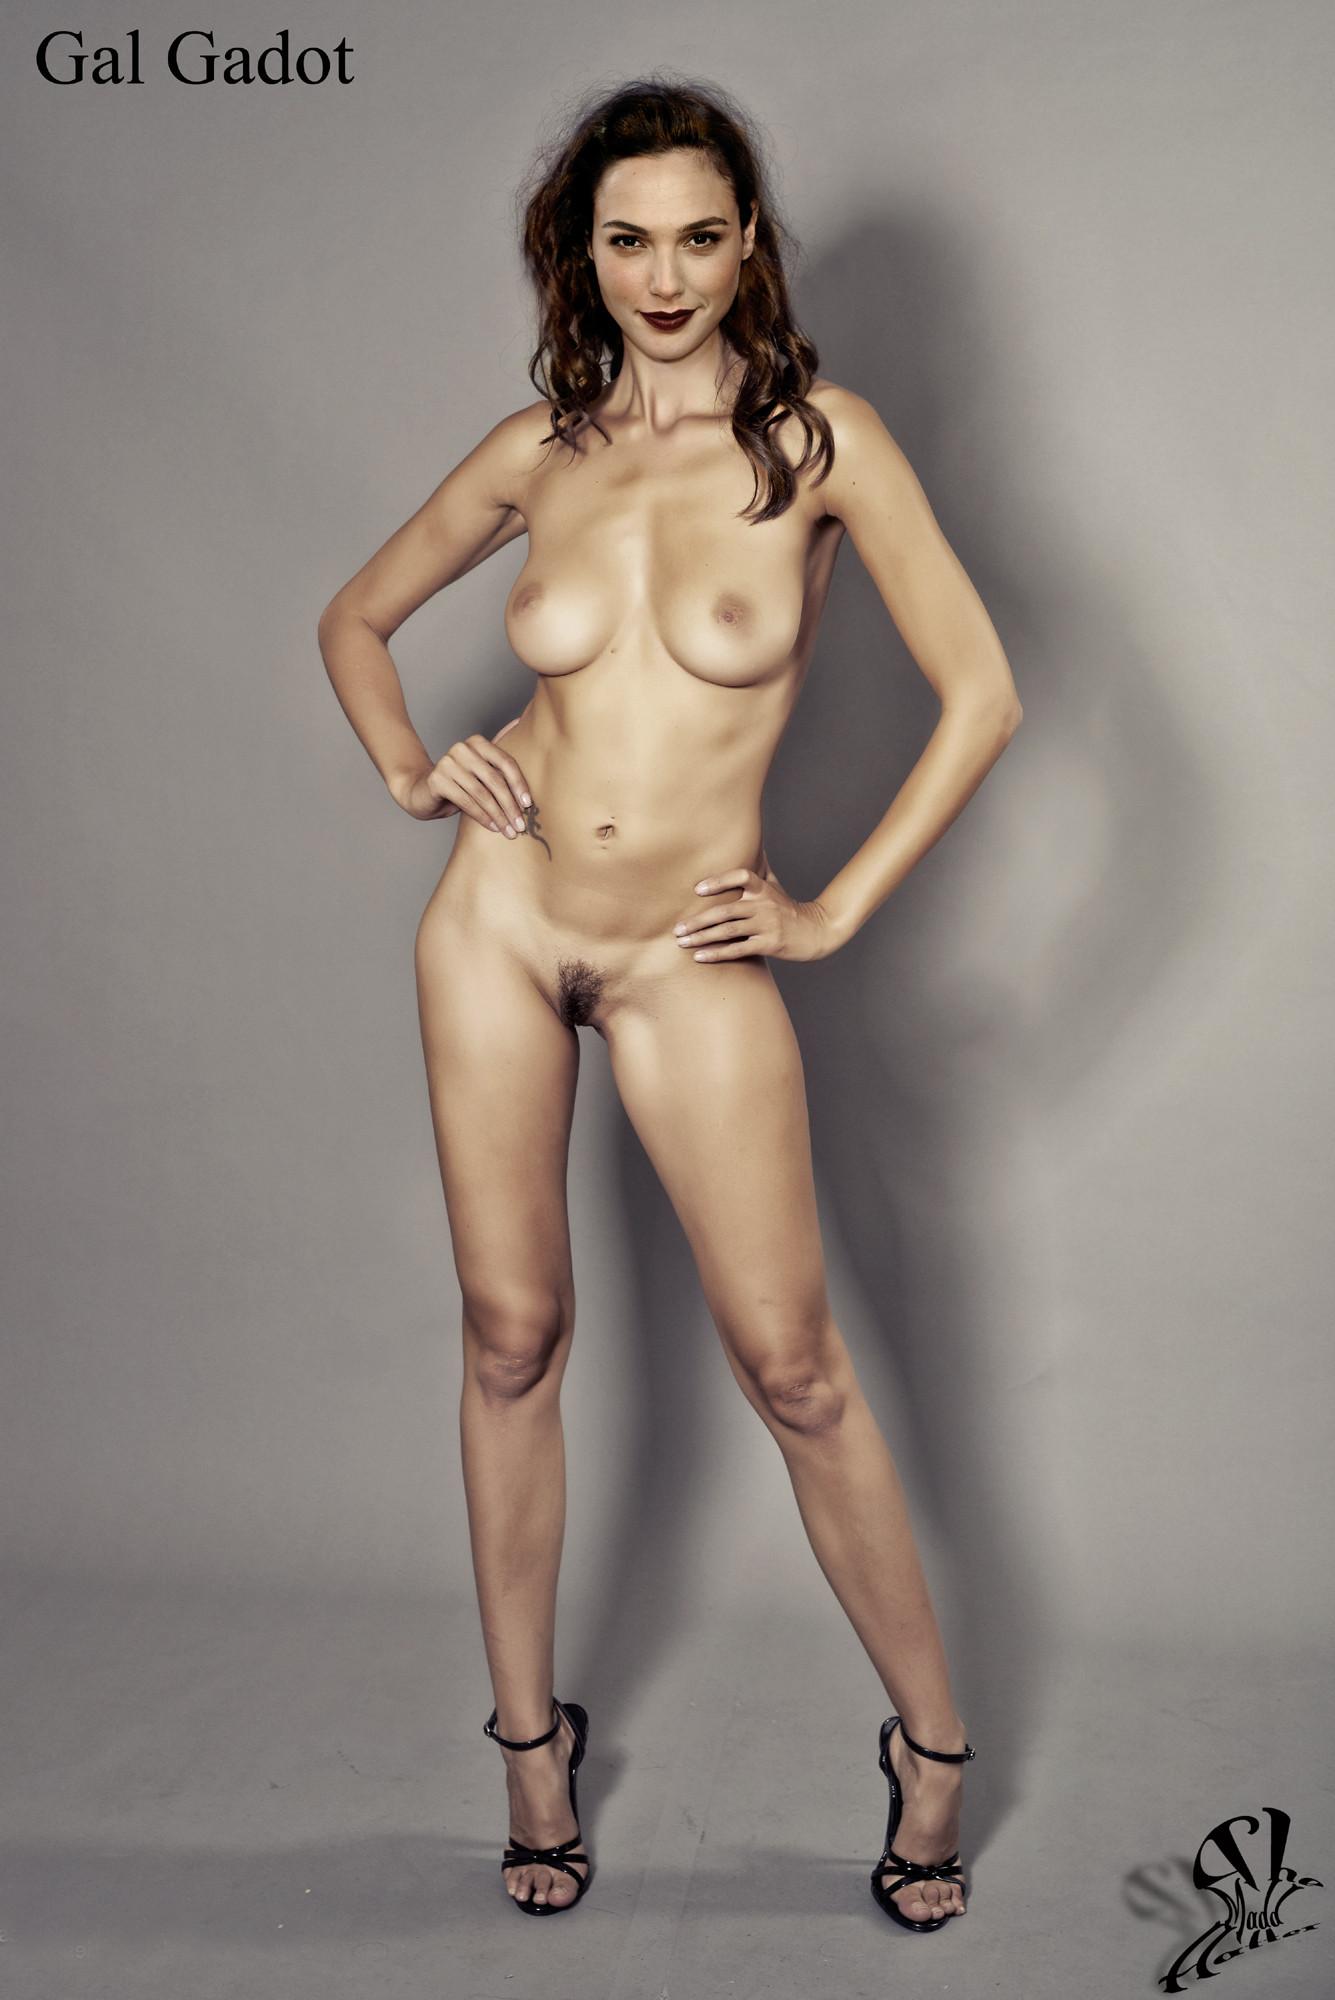 Fantasy nude picture